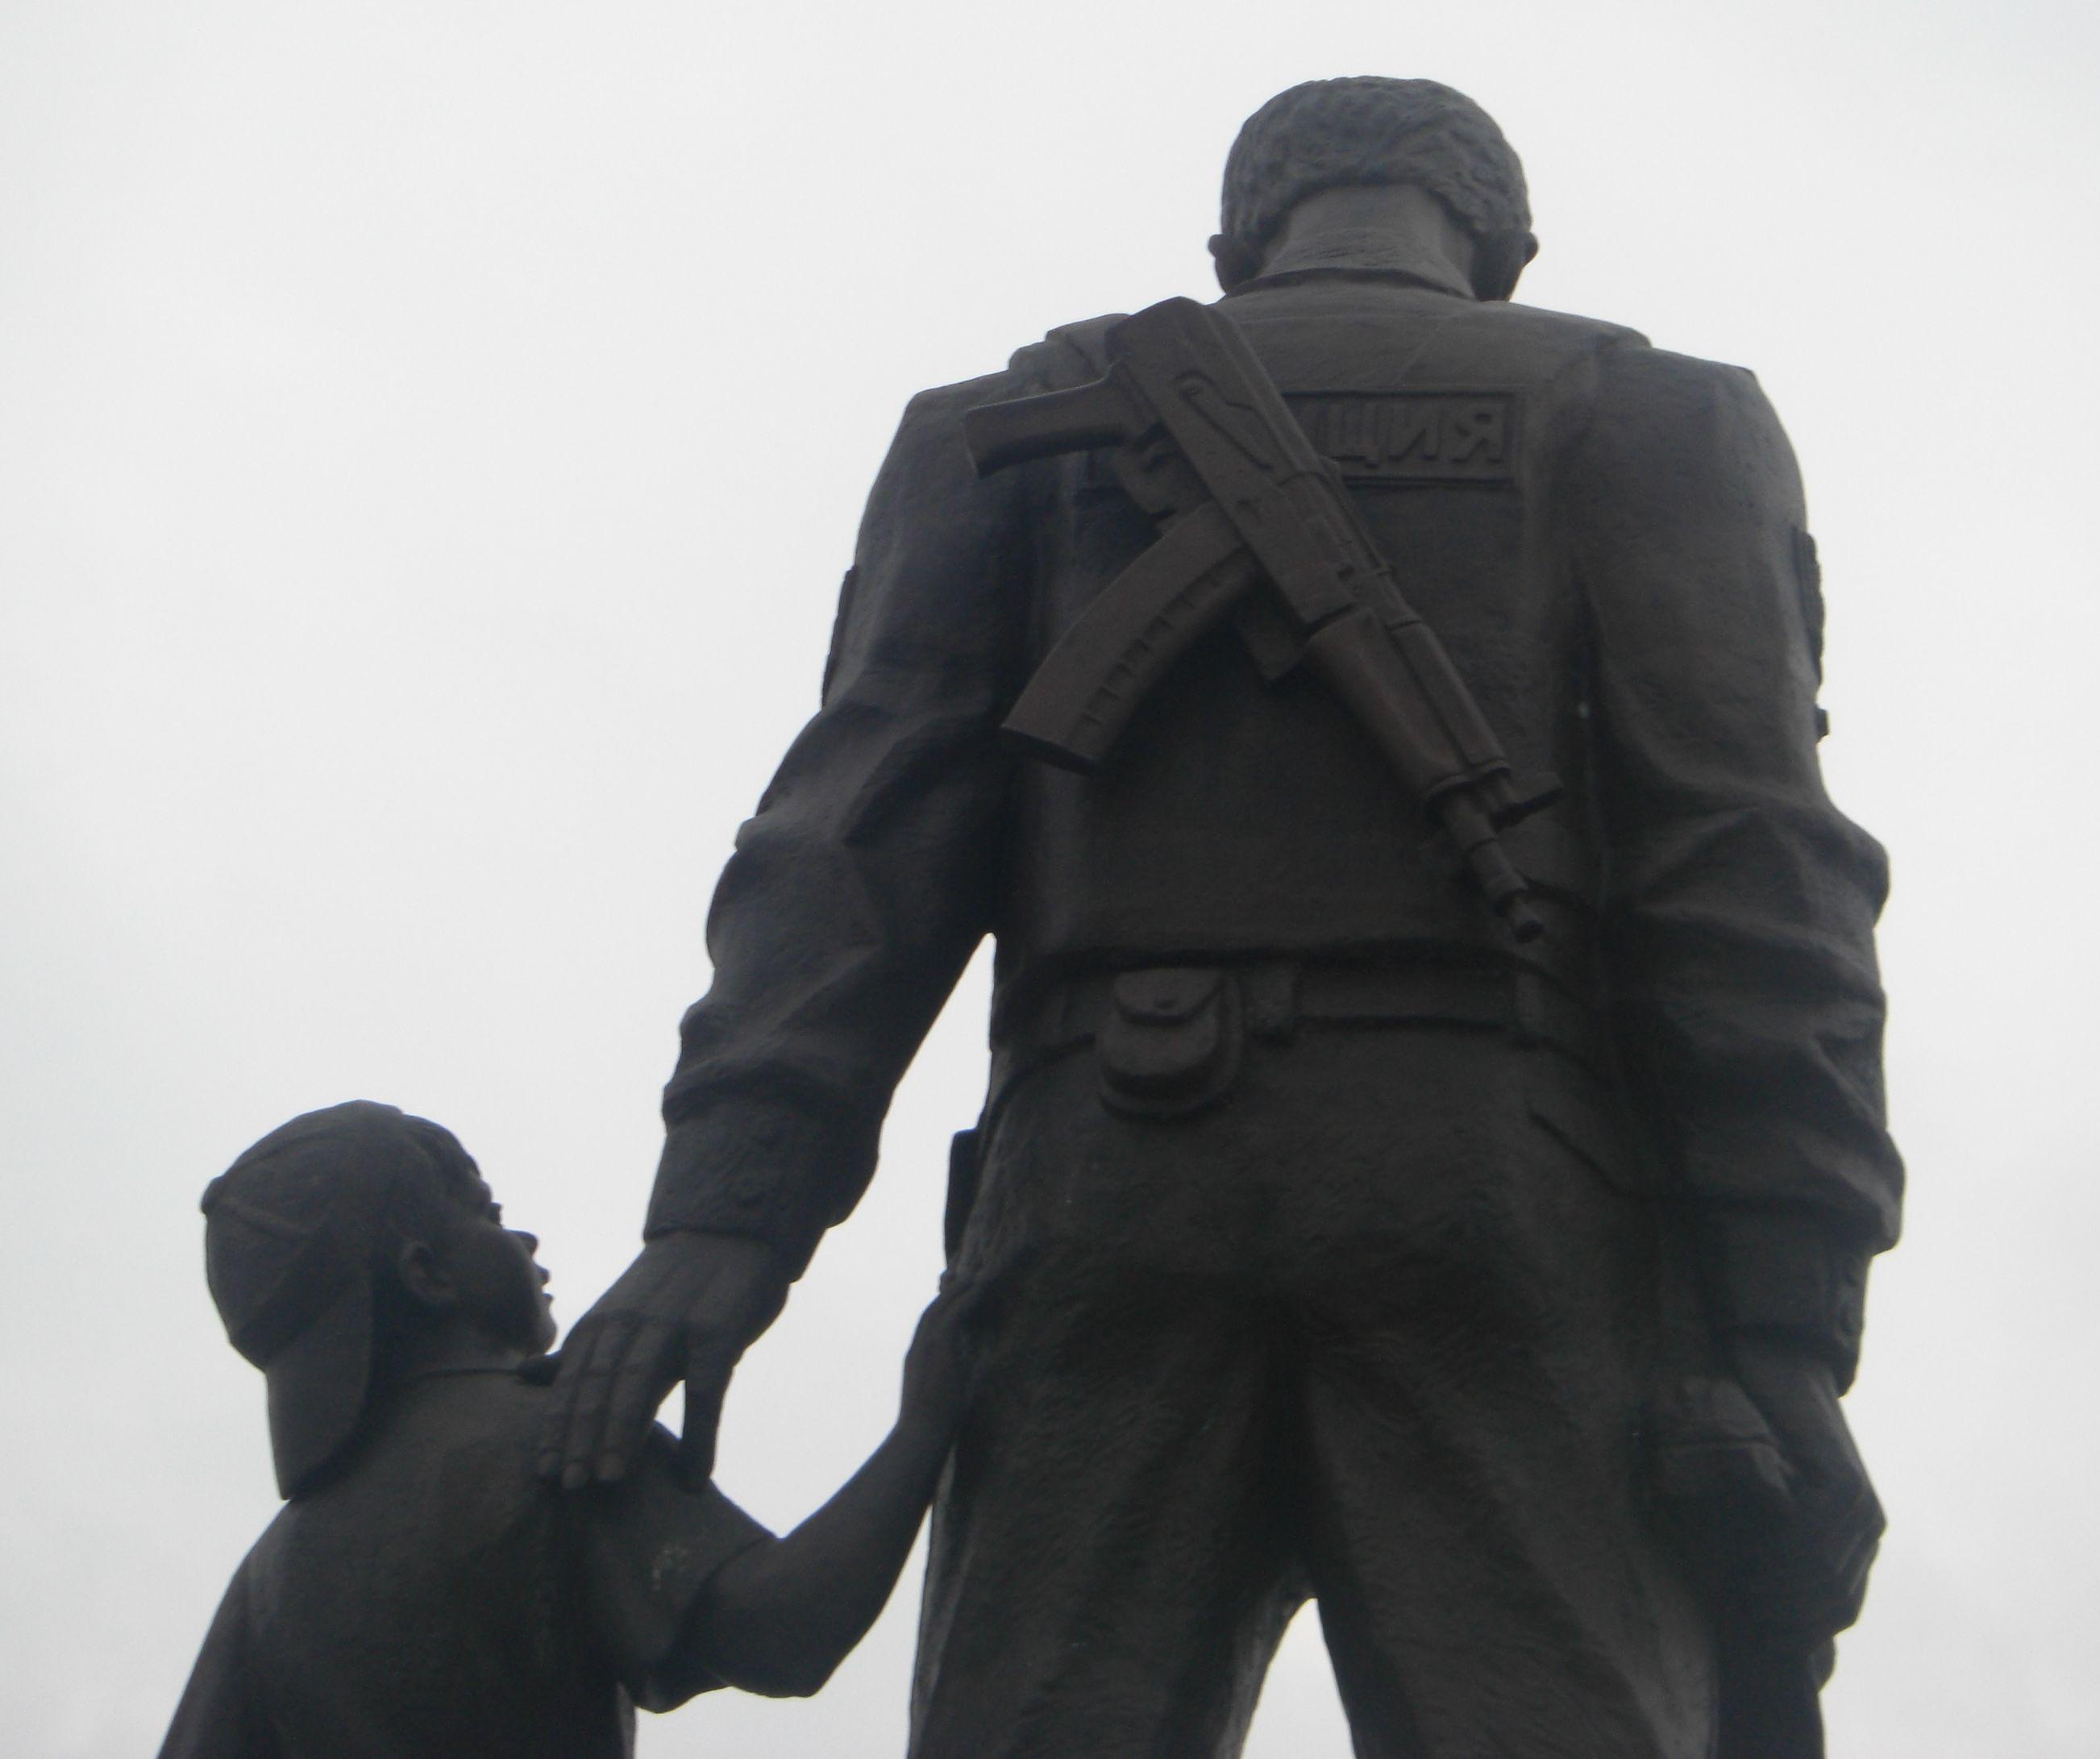 Вот иответ! Памятник изготавливался когда МИЛИЦИЯ была переименована вПОЛИЦИЮ, нотак как большинство погибших были именно милиционерами, тобыл найден оригинальный выход— наспине видна только «ИЦИЯ» (26.05.2015)